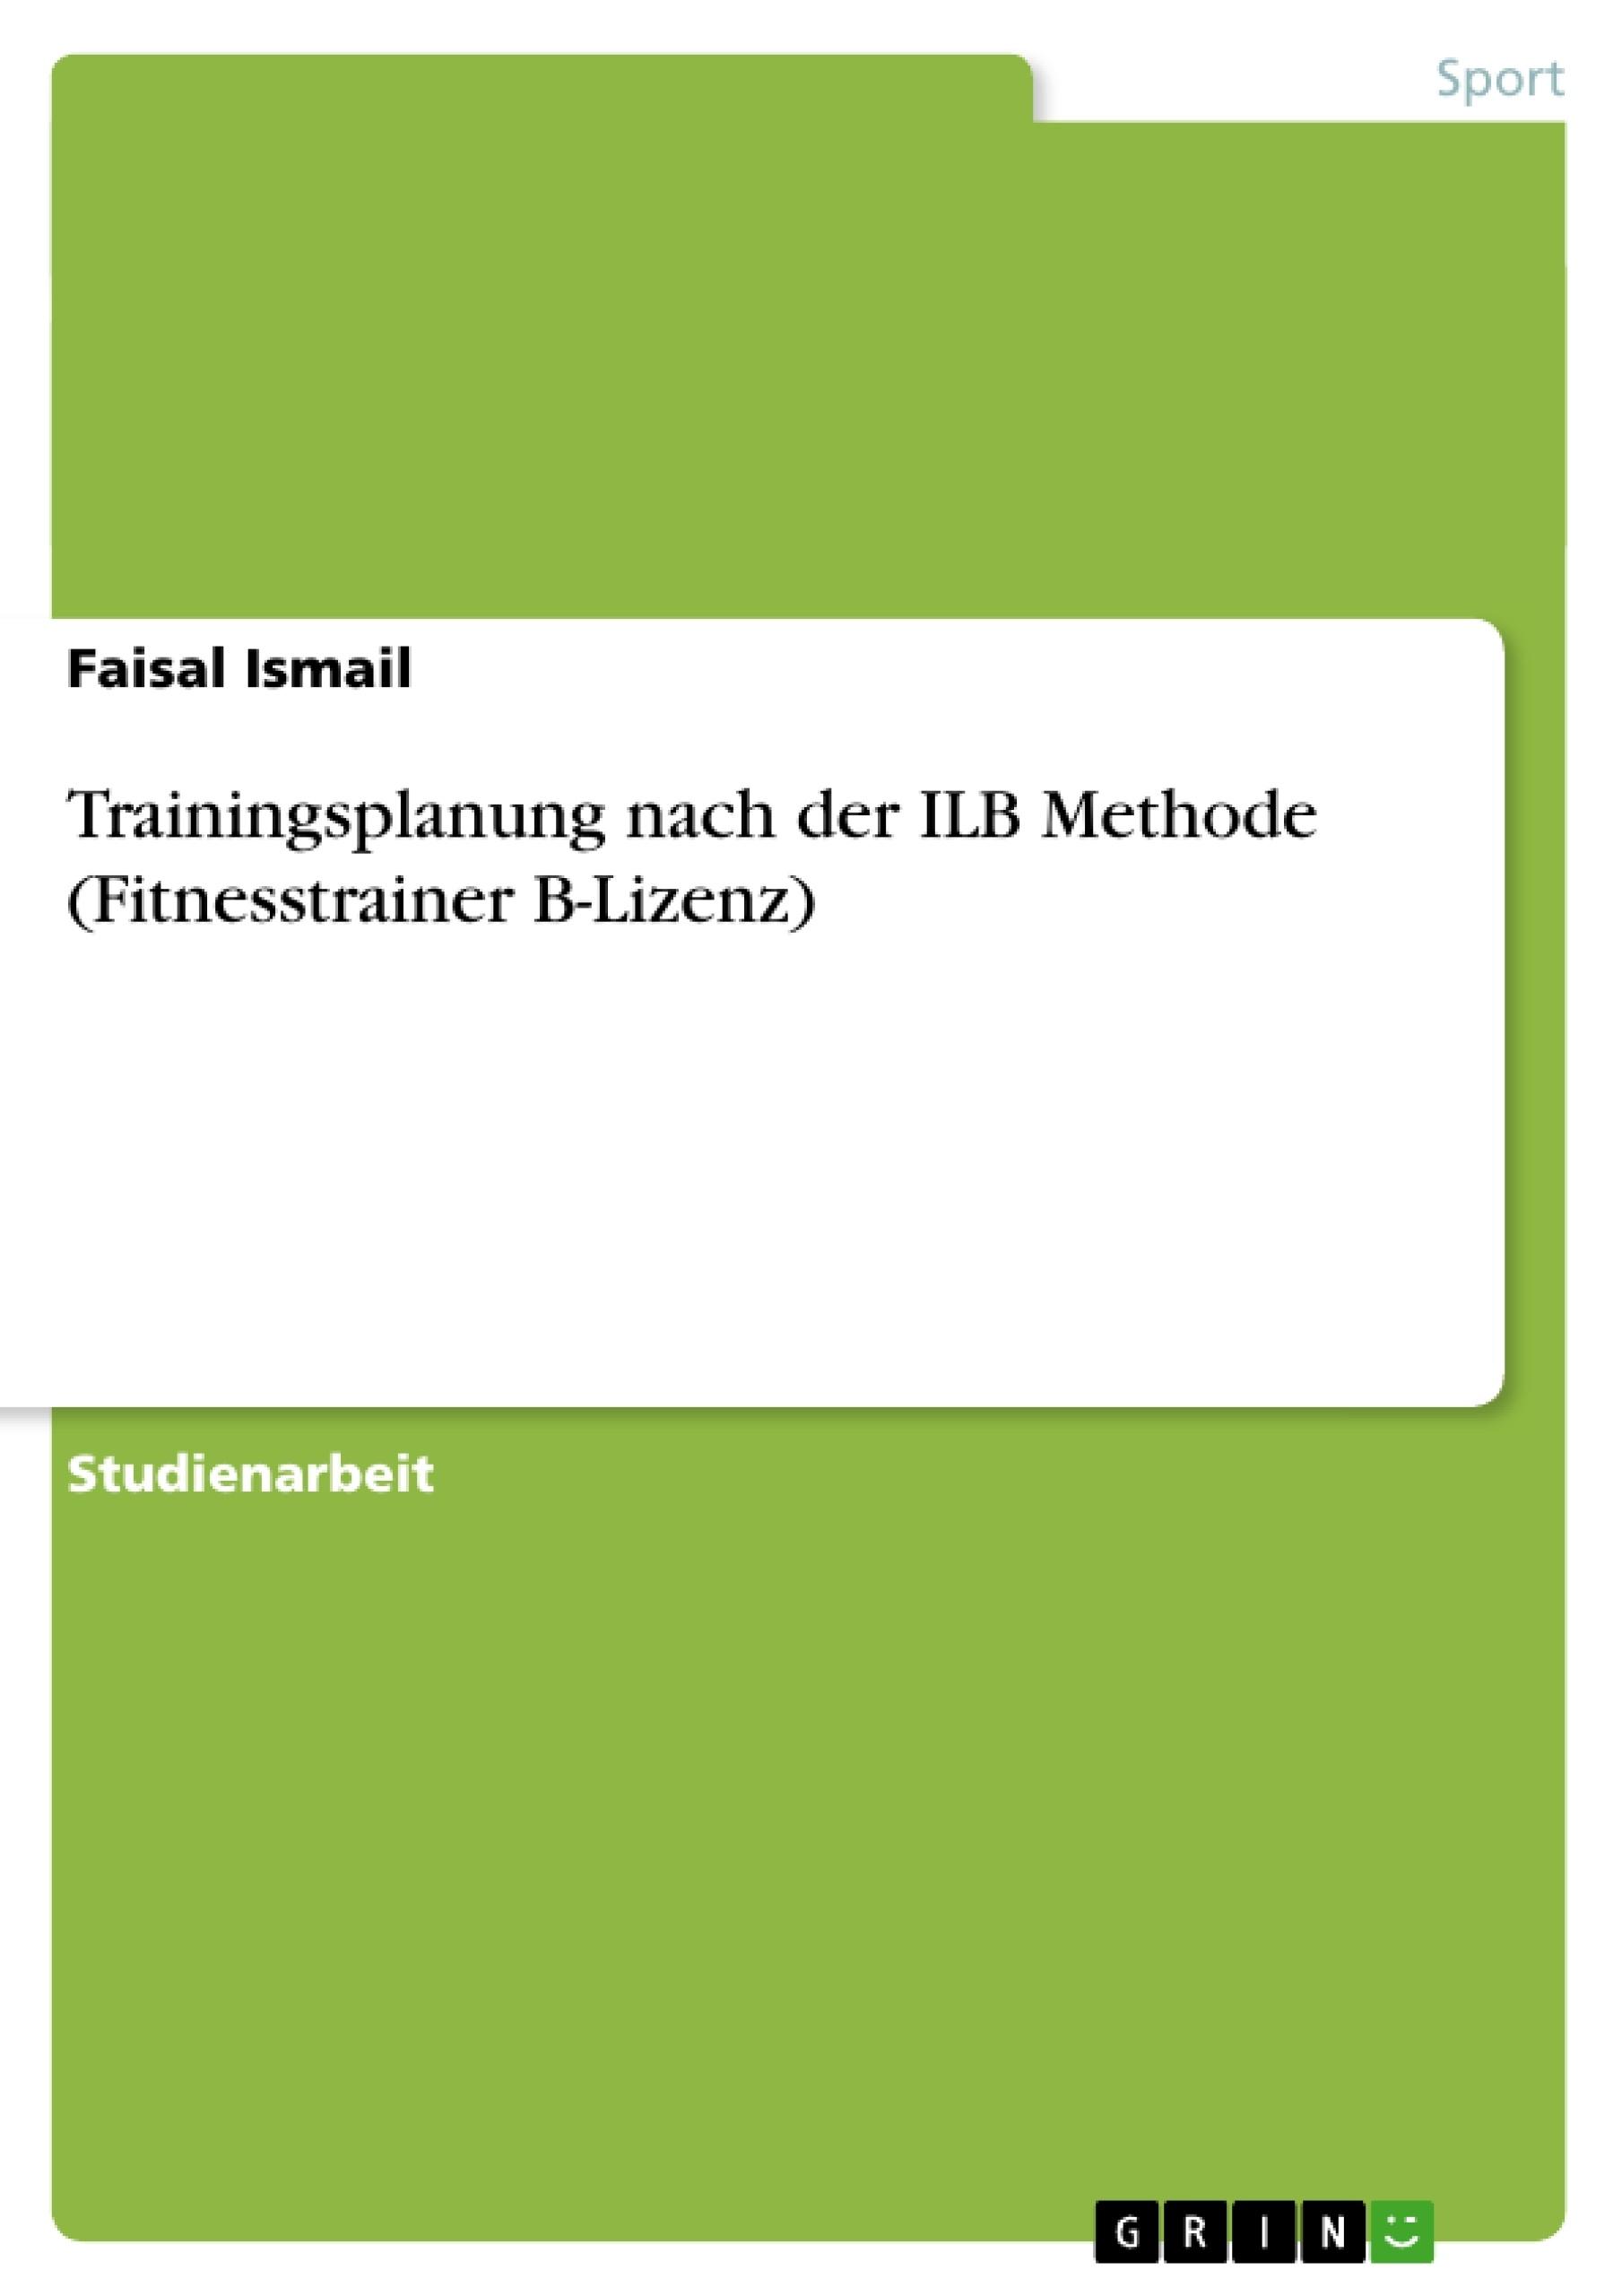 Titel: Trainingsplanung nach der ILB Methode (Fitnesstrainer B-Lizenz)